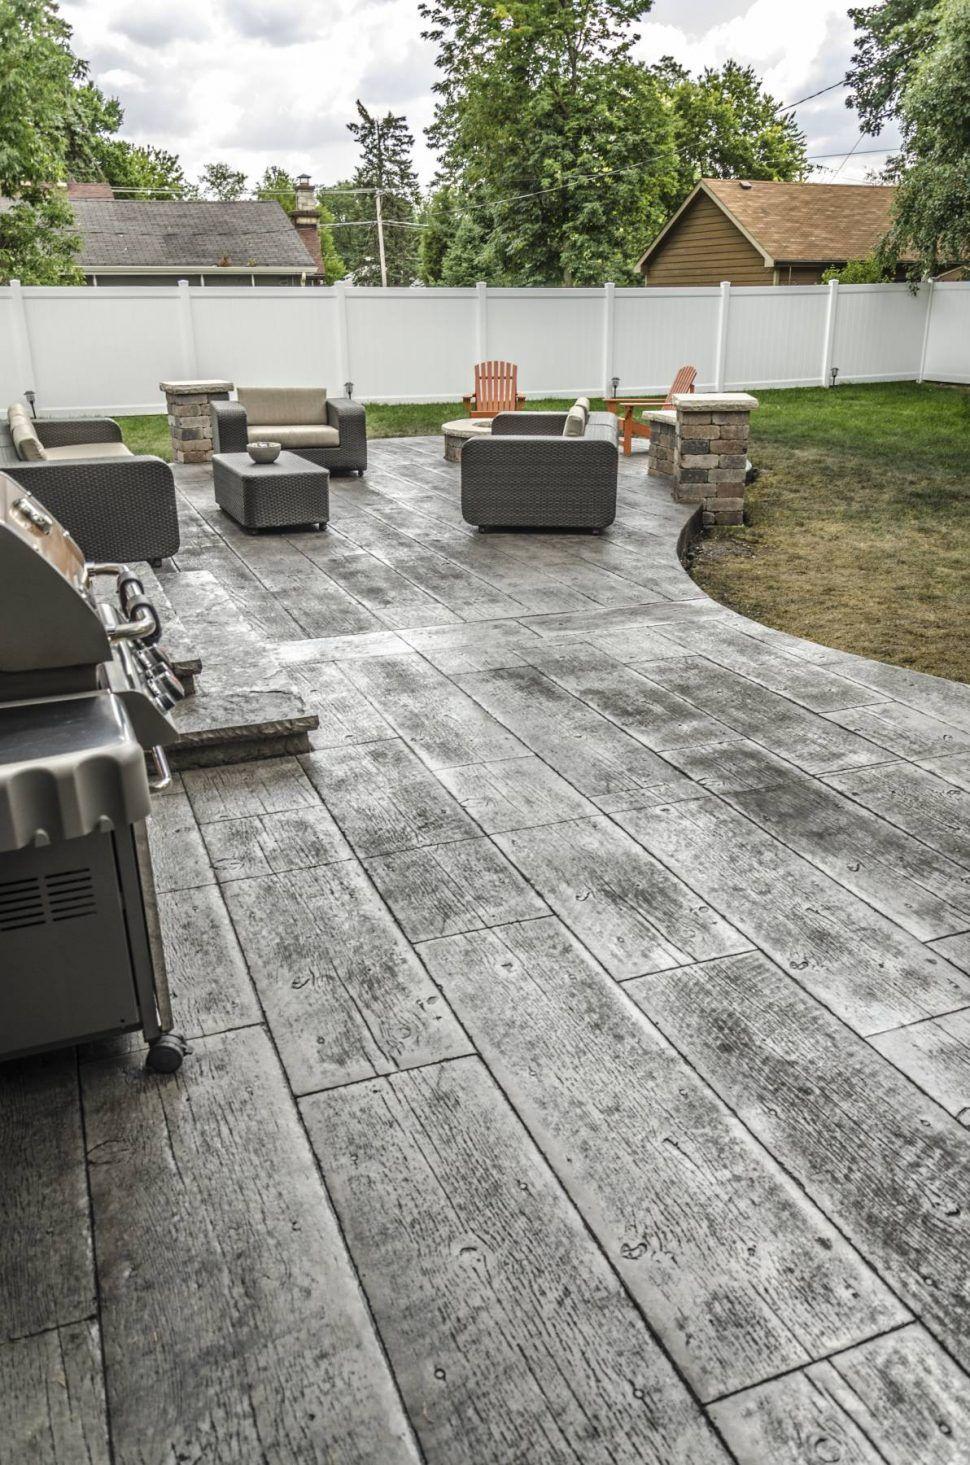 Http://cheappanda.com/great Concrete Patio/proj